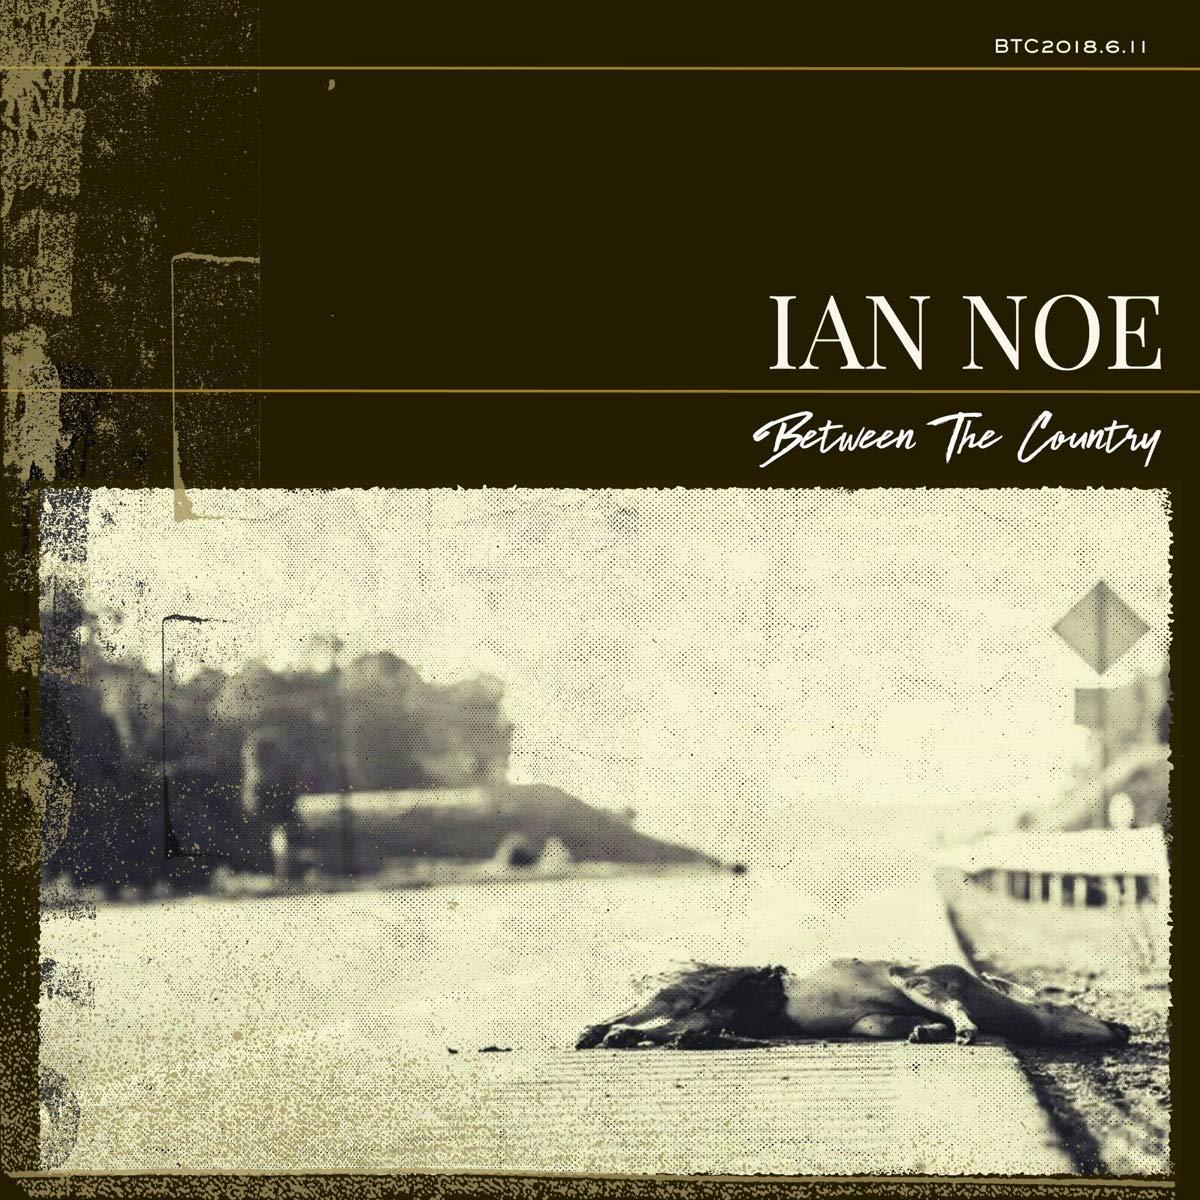 Ian Noe